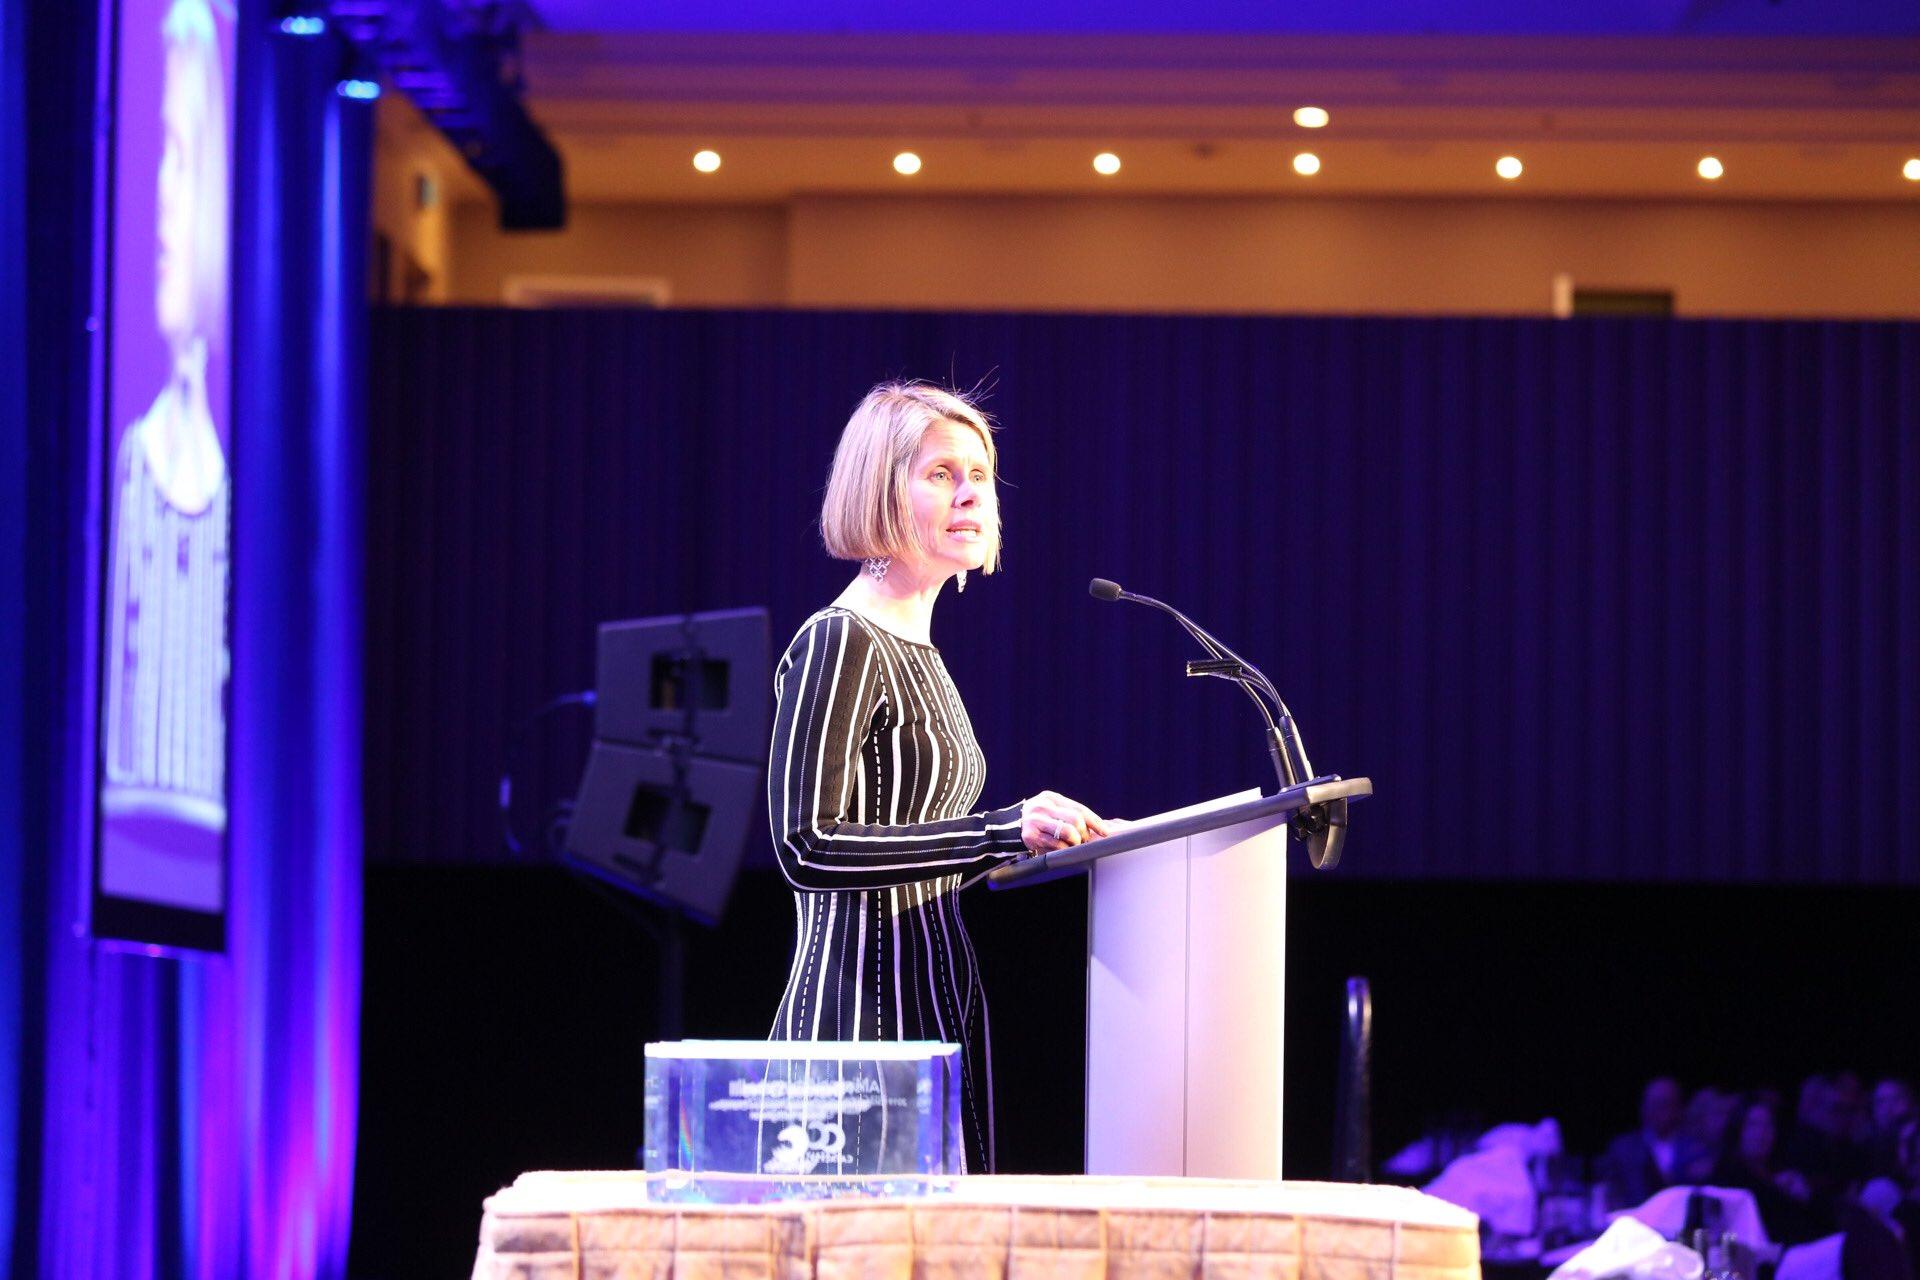 Tanya van Biesen speaking at dinner